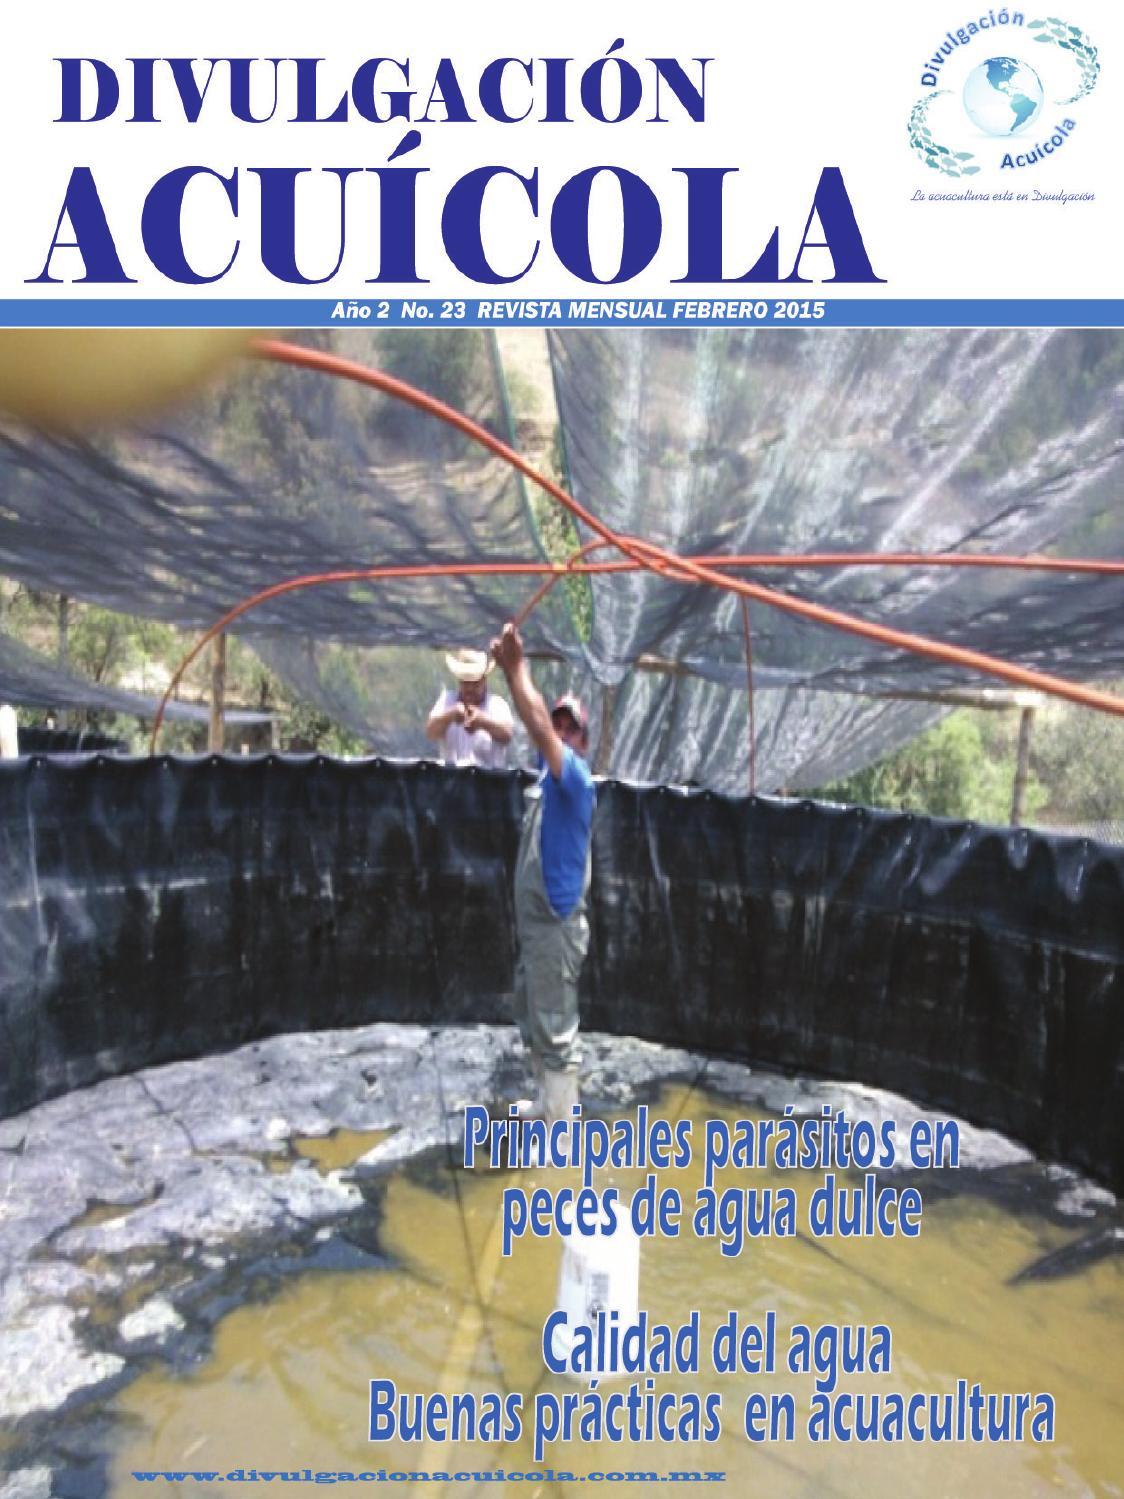 Principales parásitos en agua dulce by DIVULGACION ACUICOLA - issuu